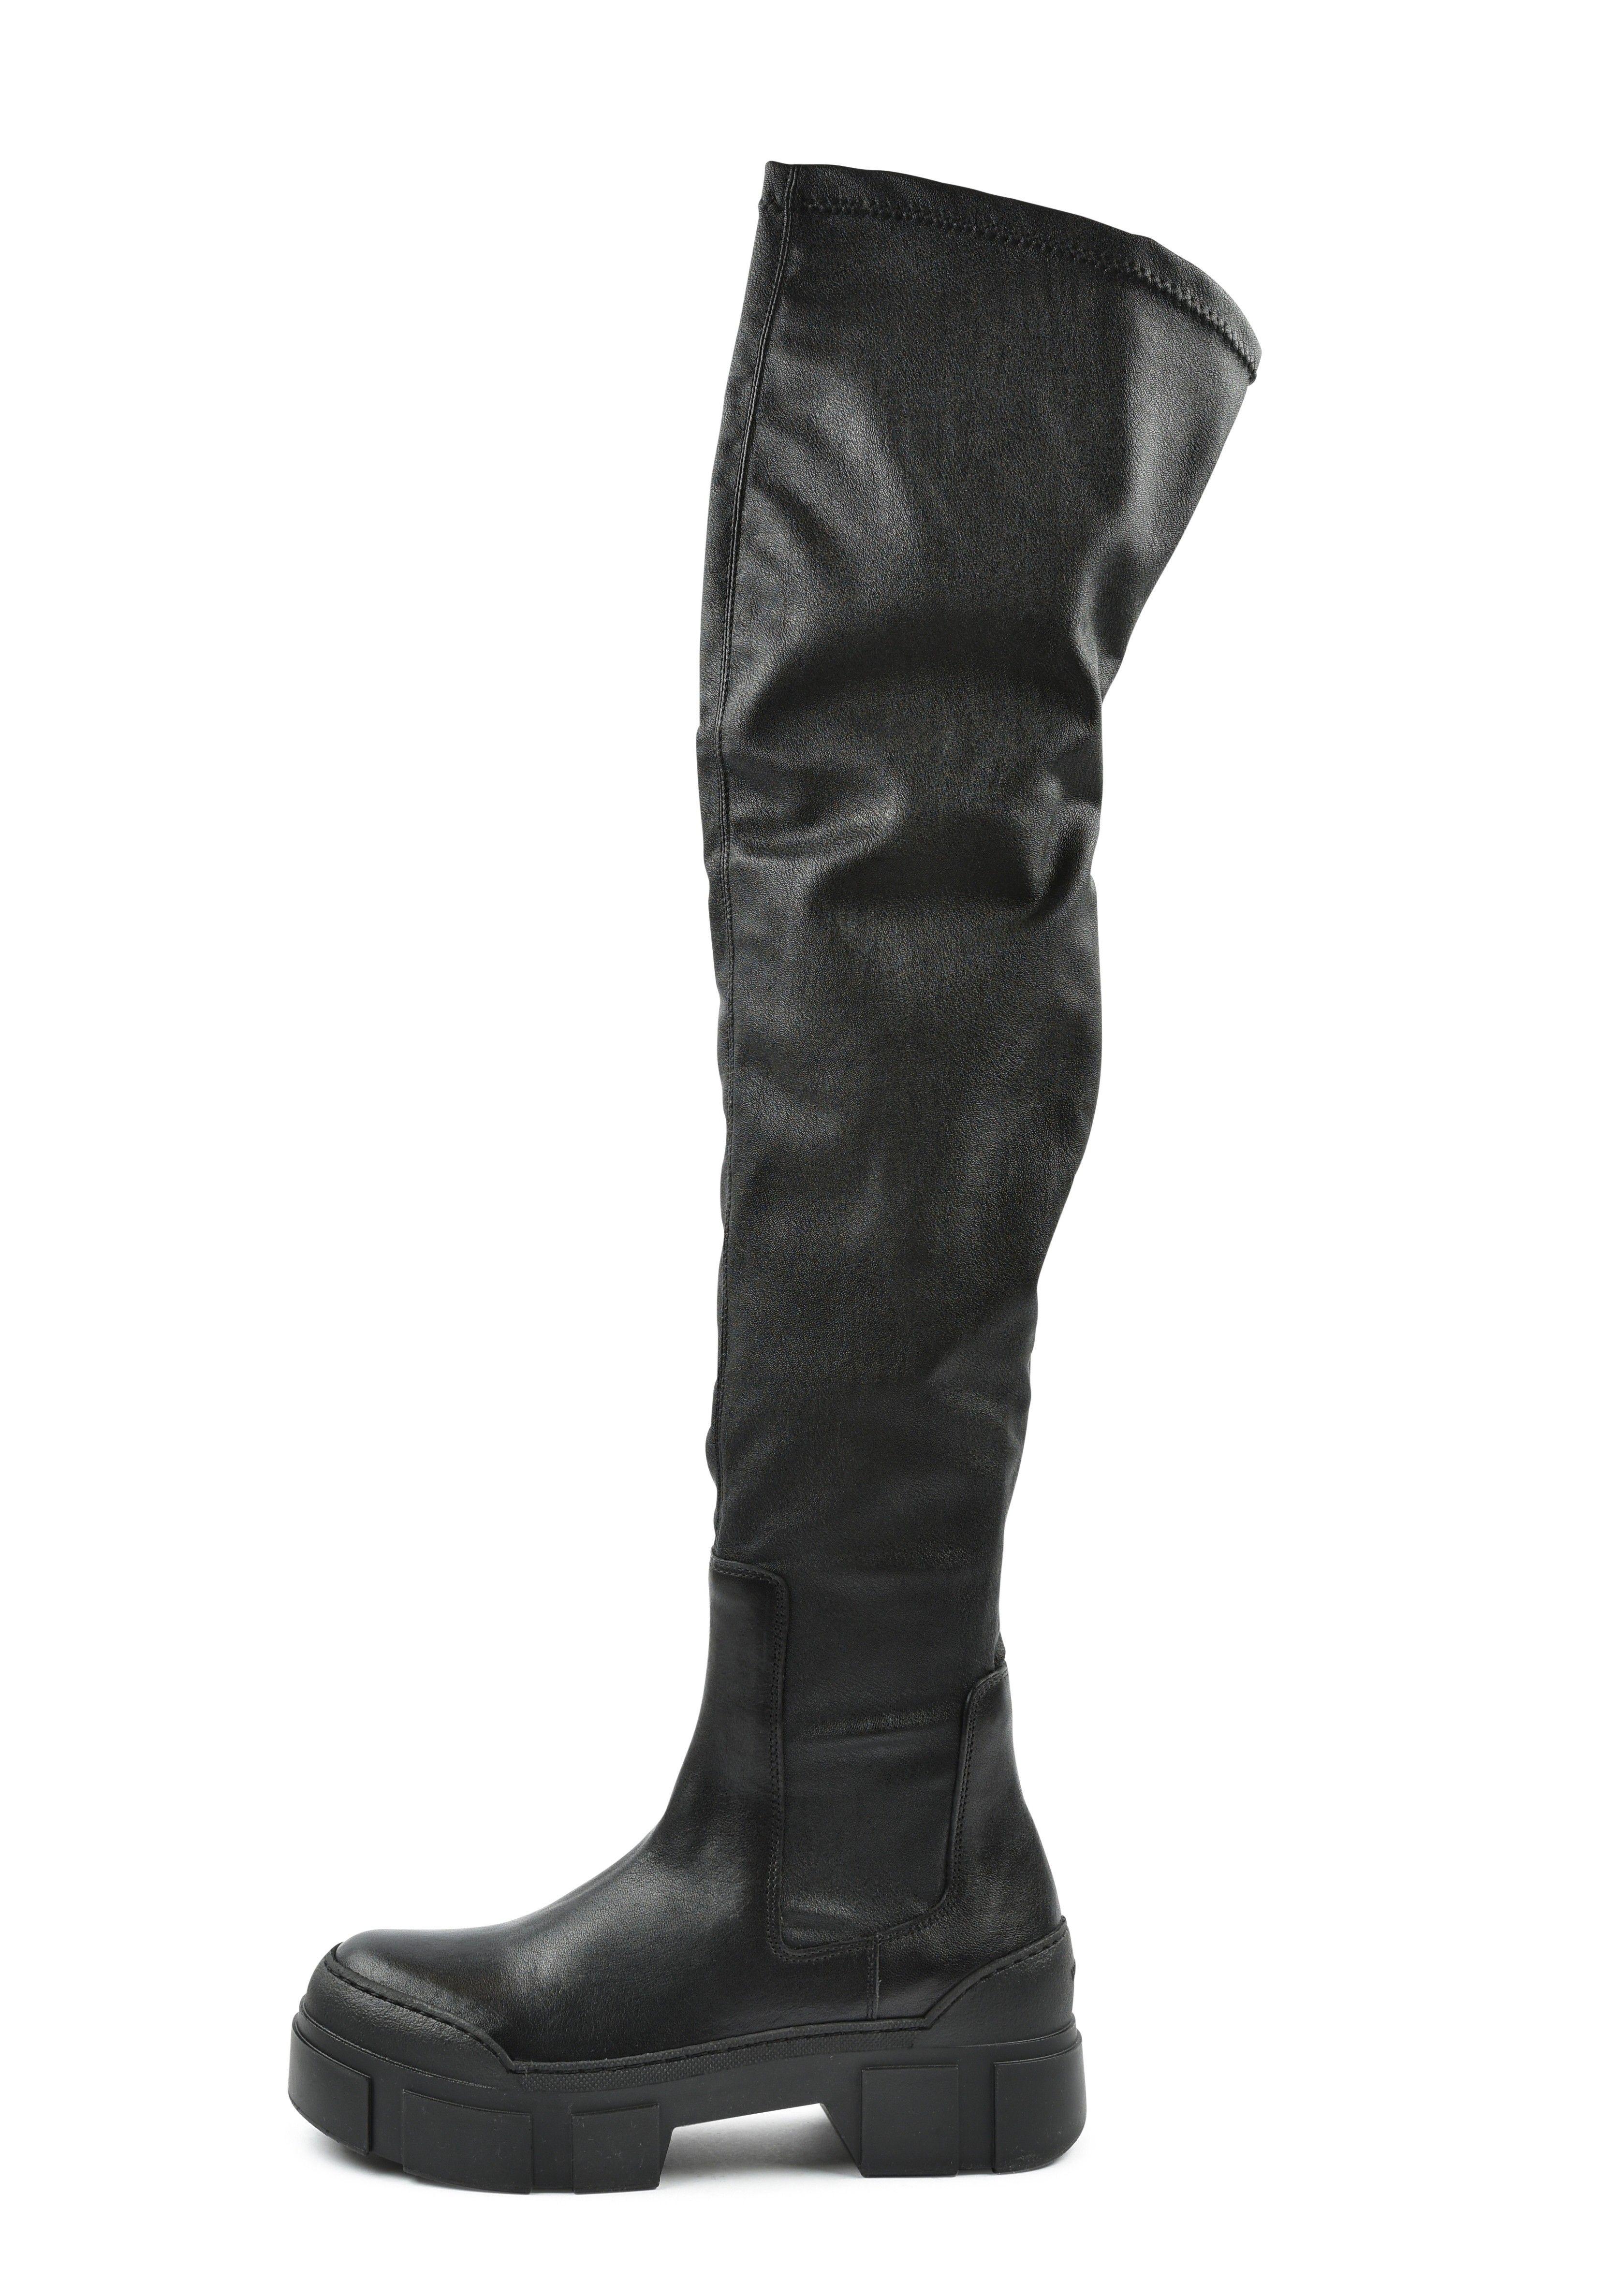 VIC MATIE - Damen Stiefel - Stivale Hyden - Davidson - Black